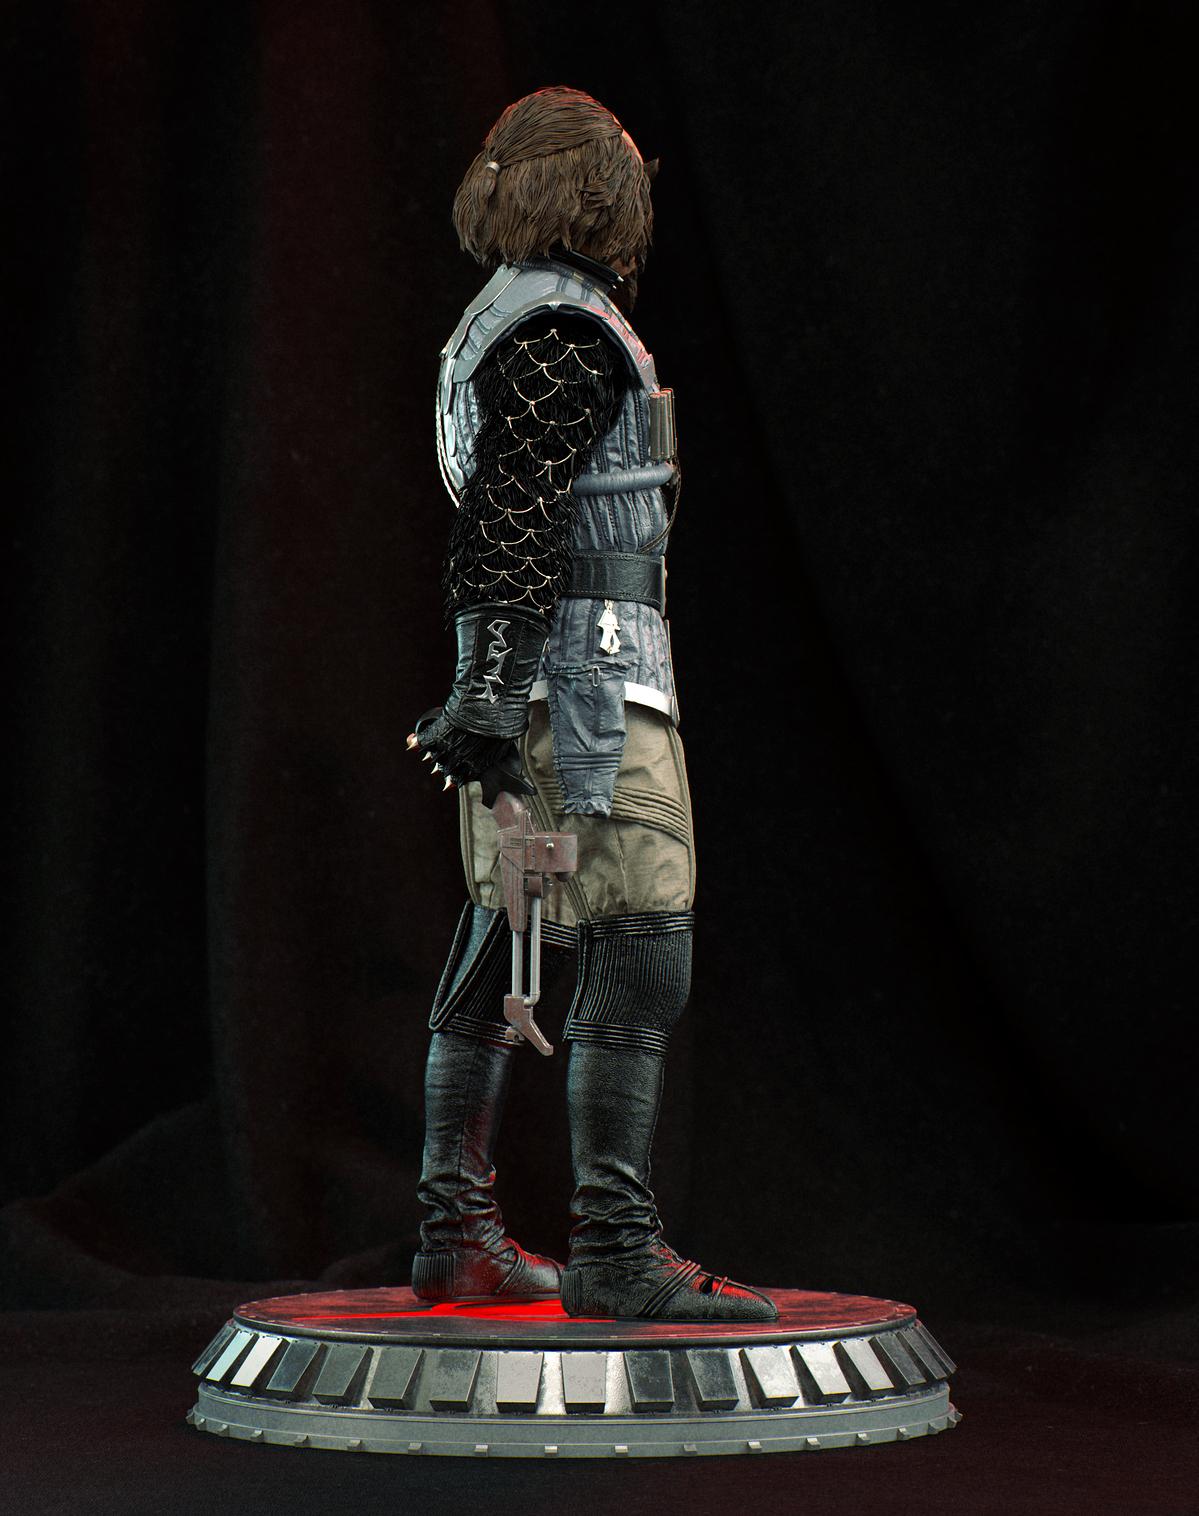 Klingon_04